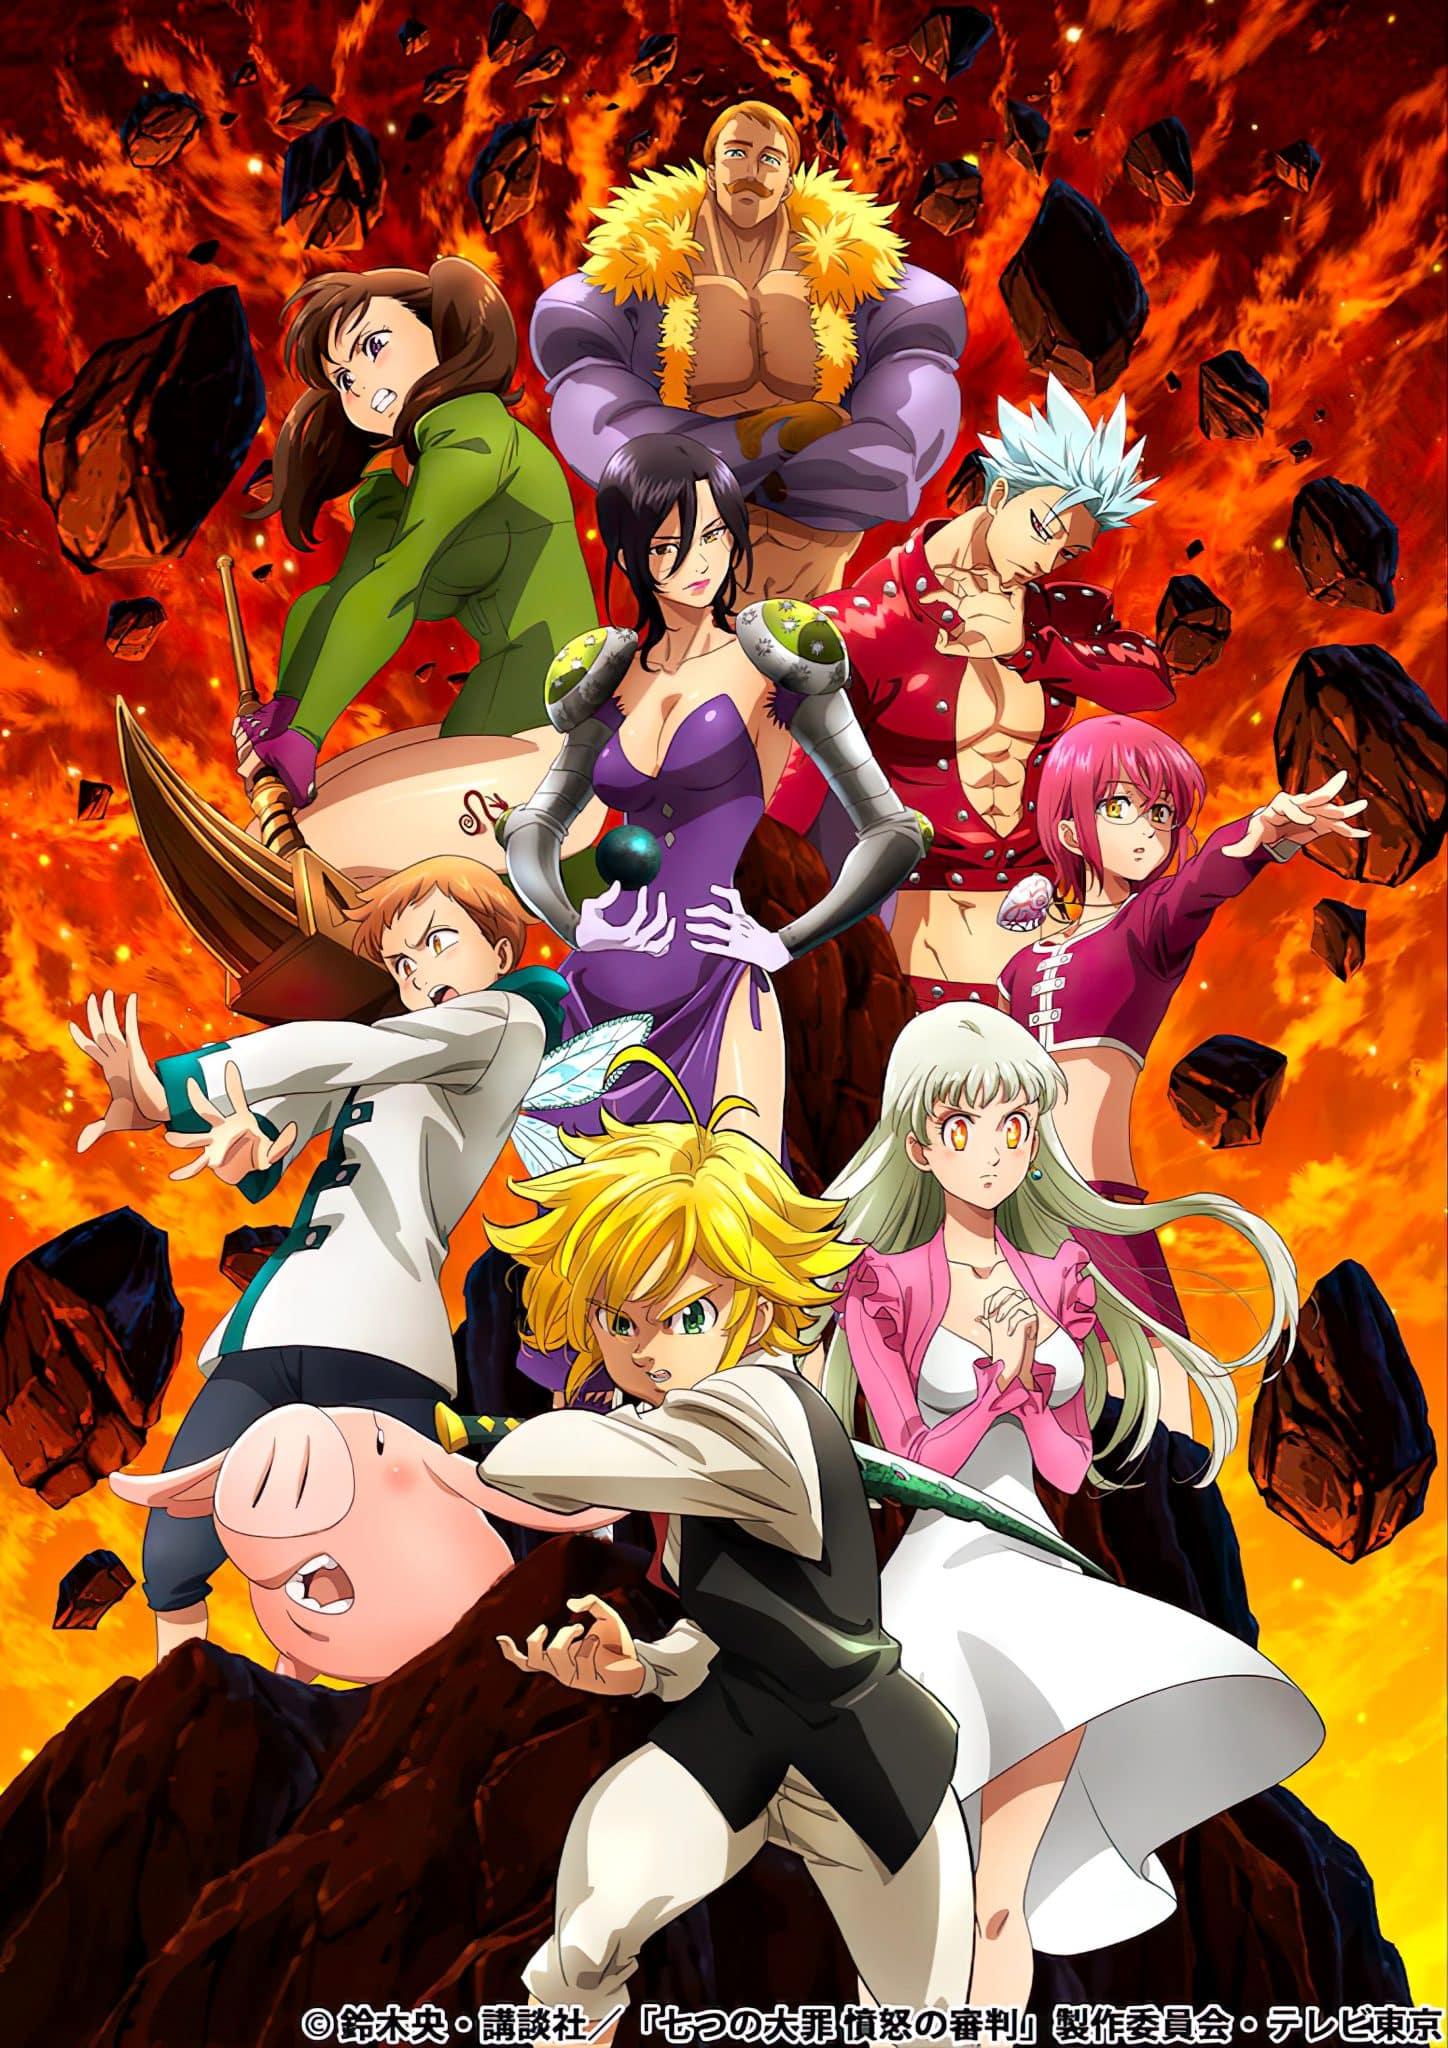 Финальный сезон аниме «Семь смертных грехов» выйдет в январе